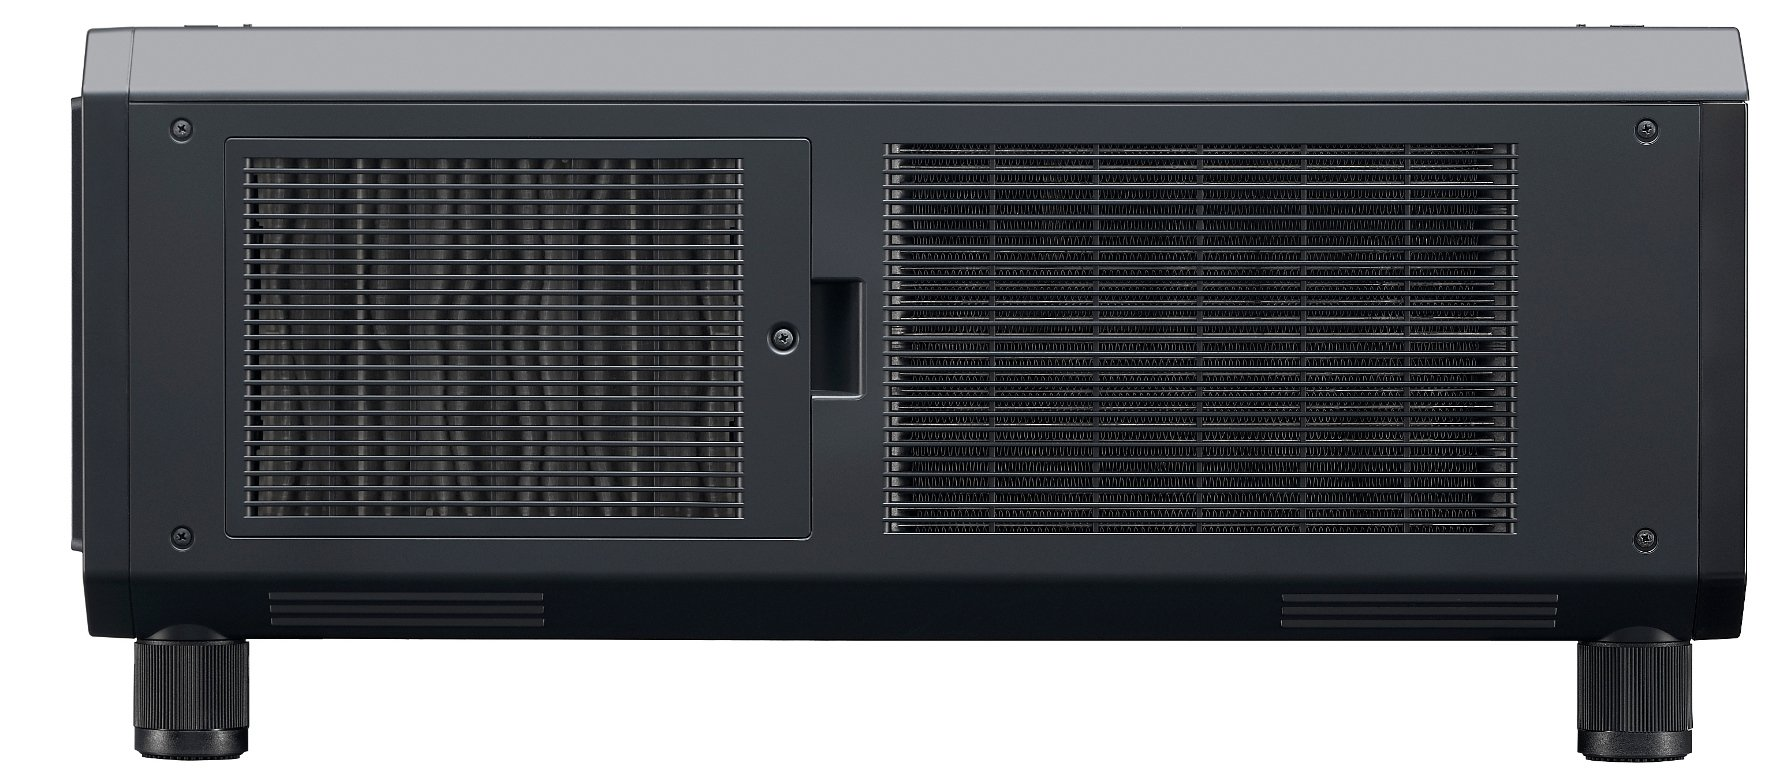 12000 Lumen SXGA+ 3DLP Laser Projector - No Lens